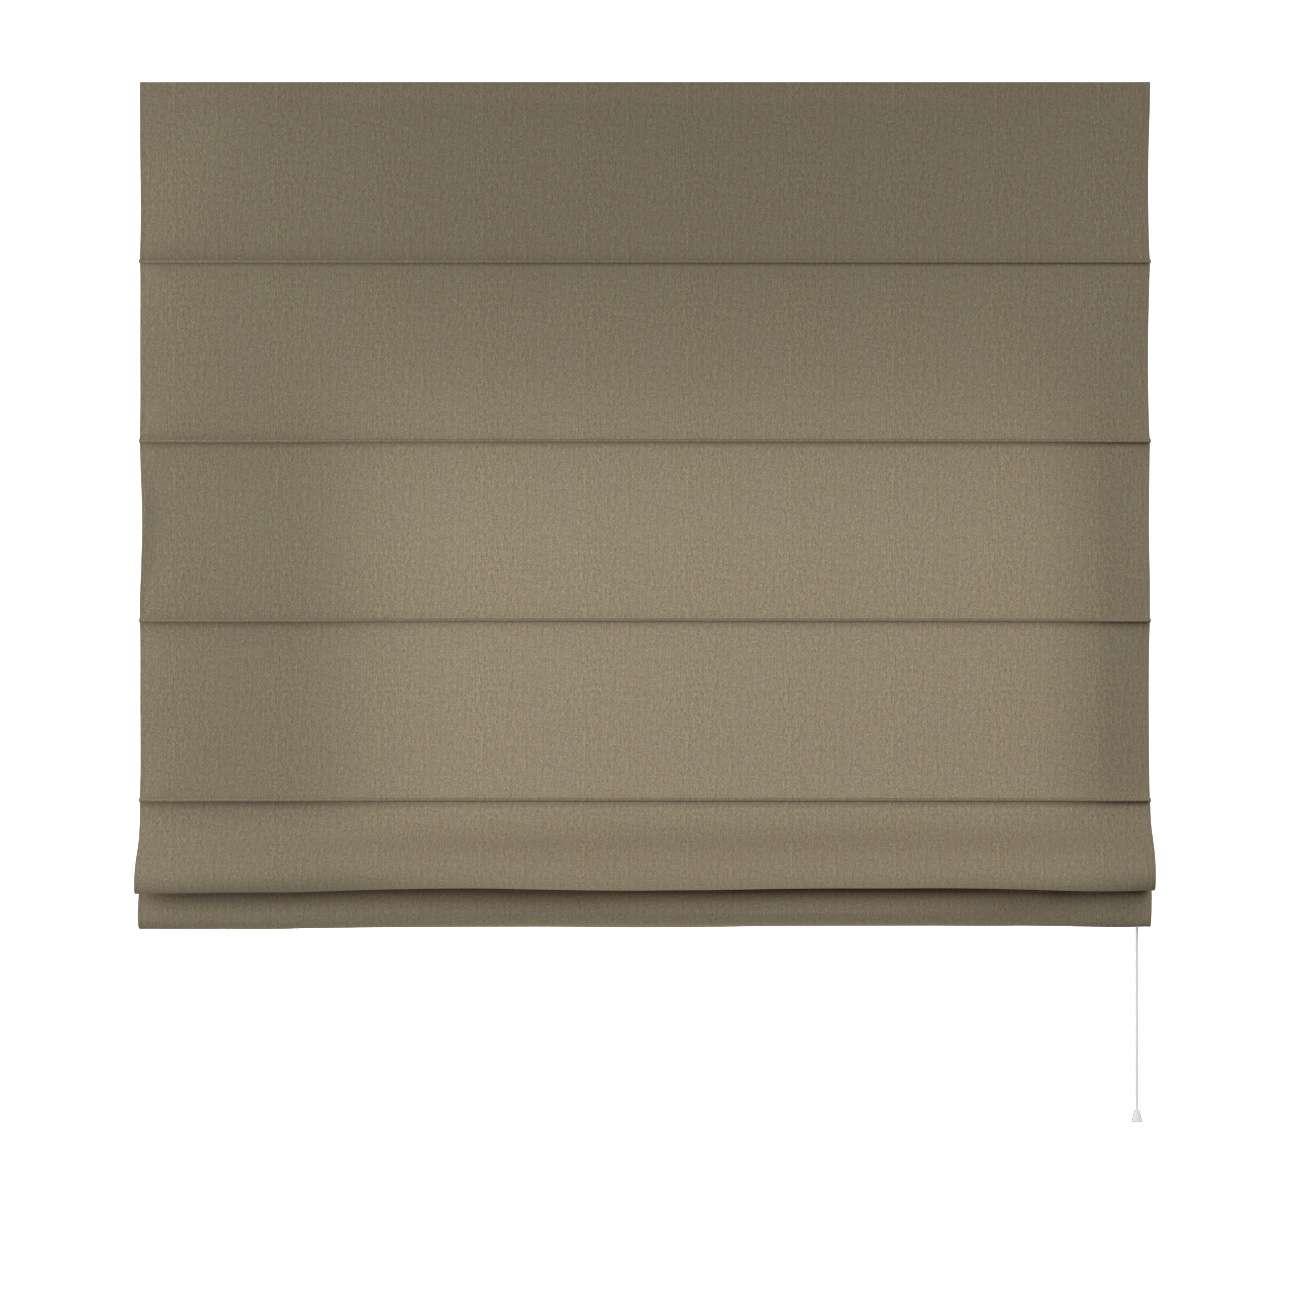 Foldegardin Capri<br/>Uden flæsekant 80 x 170 cm fra kollektionen Chenille, Stof: 702-21